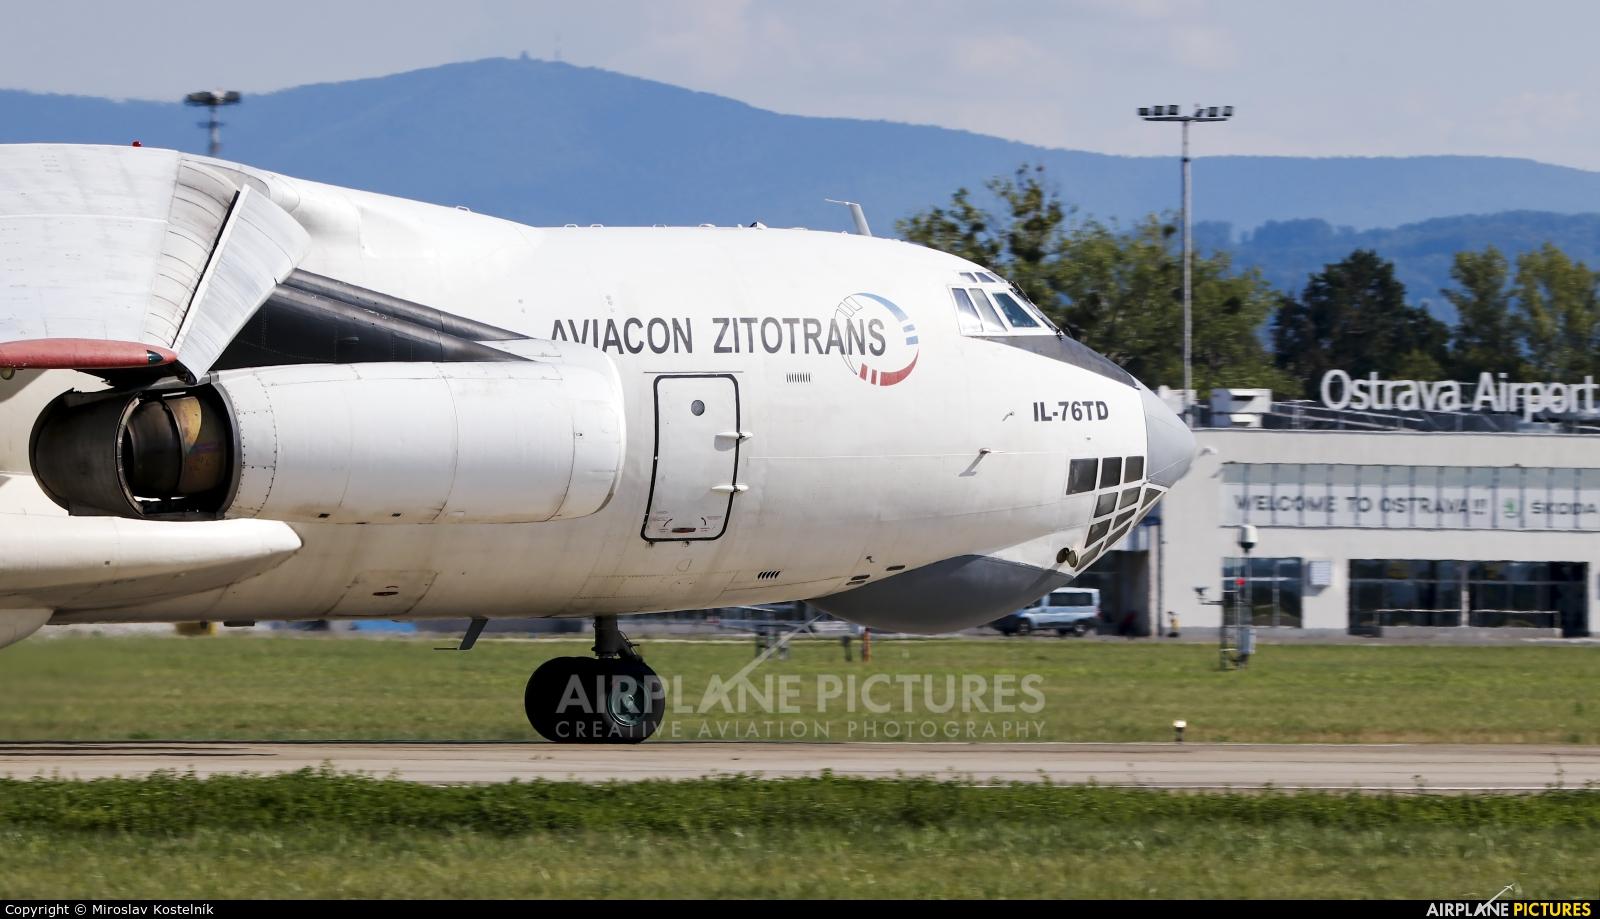 Aviacon Zitotrans RA-76842 aircraft at Ostrava Mošnov